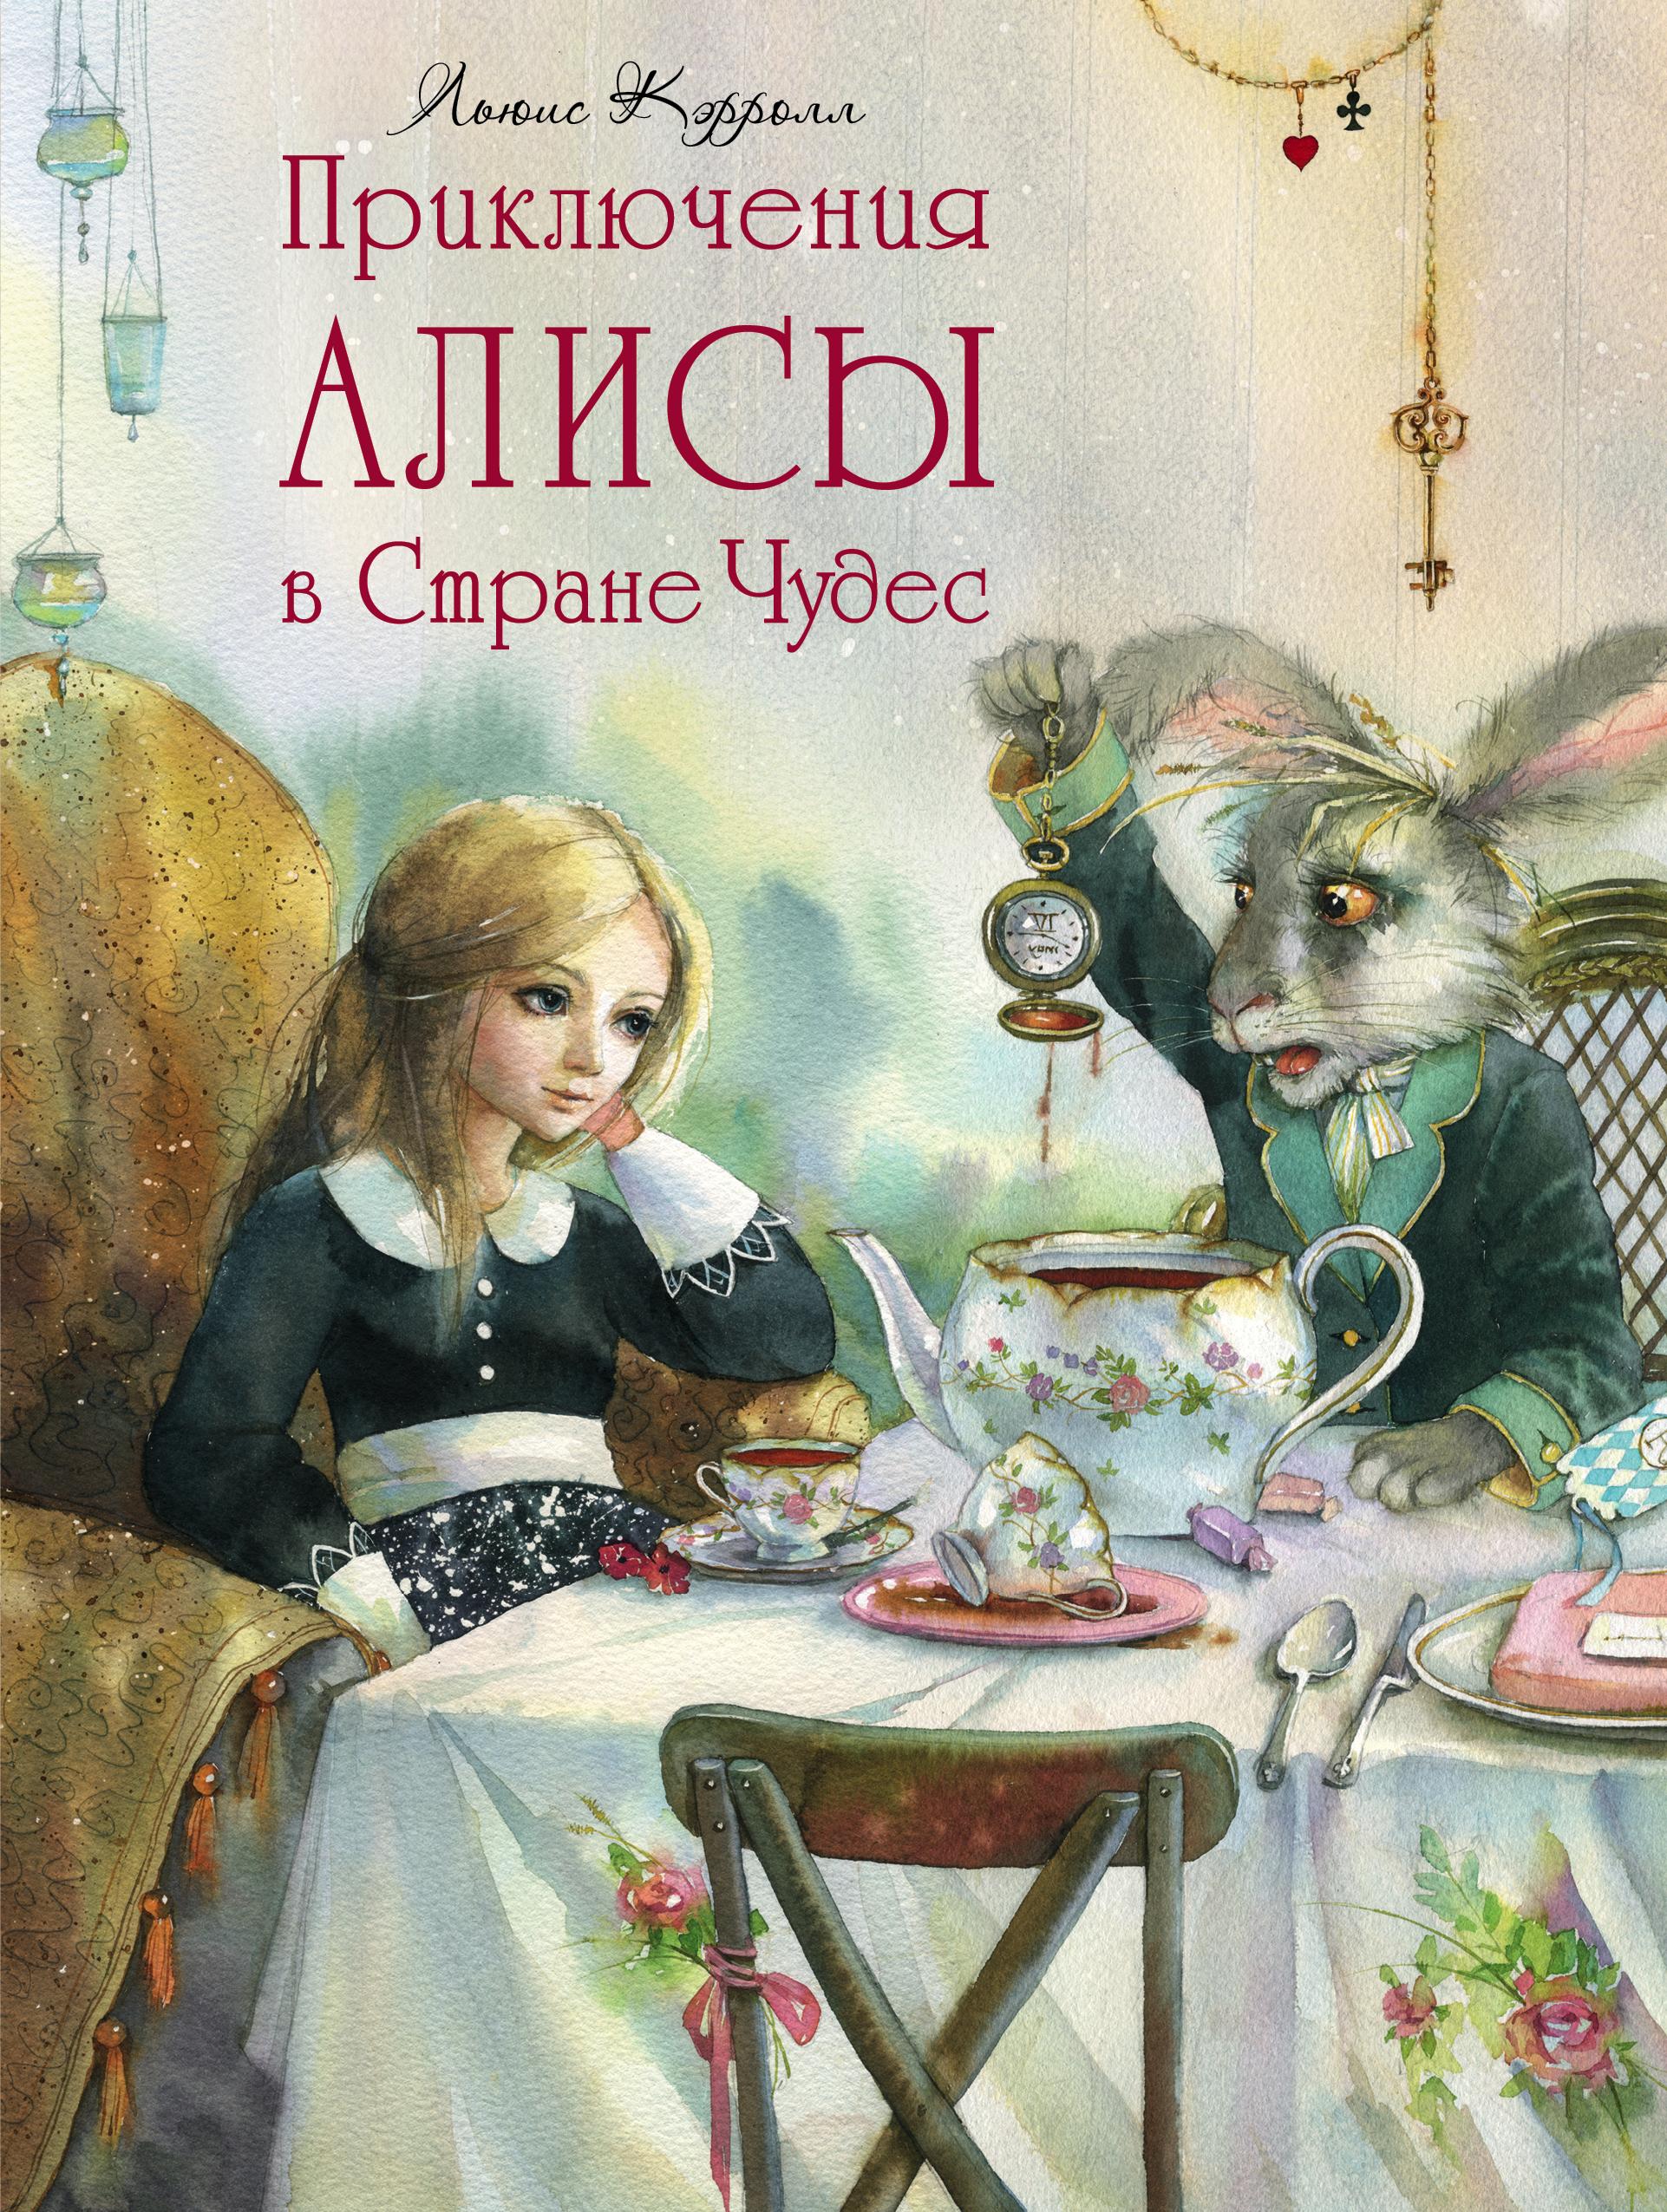 Кэрролл Л. Приключения Алисы в Стране Чудес ISBN: 978-5-17-098030-7 сумка printio странная гусеница курит кальян